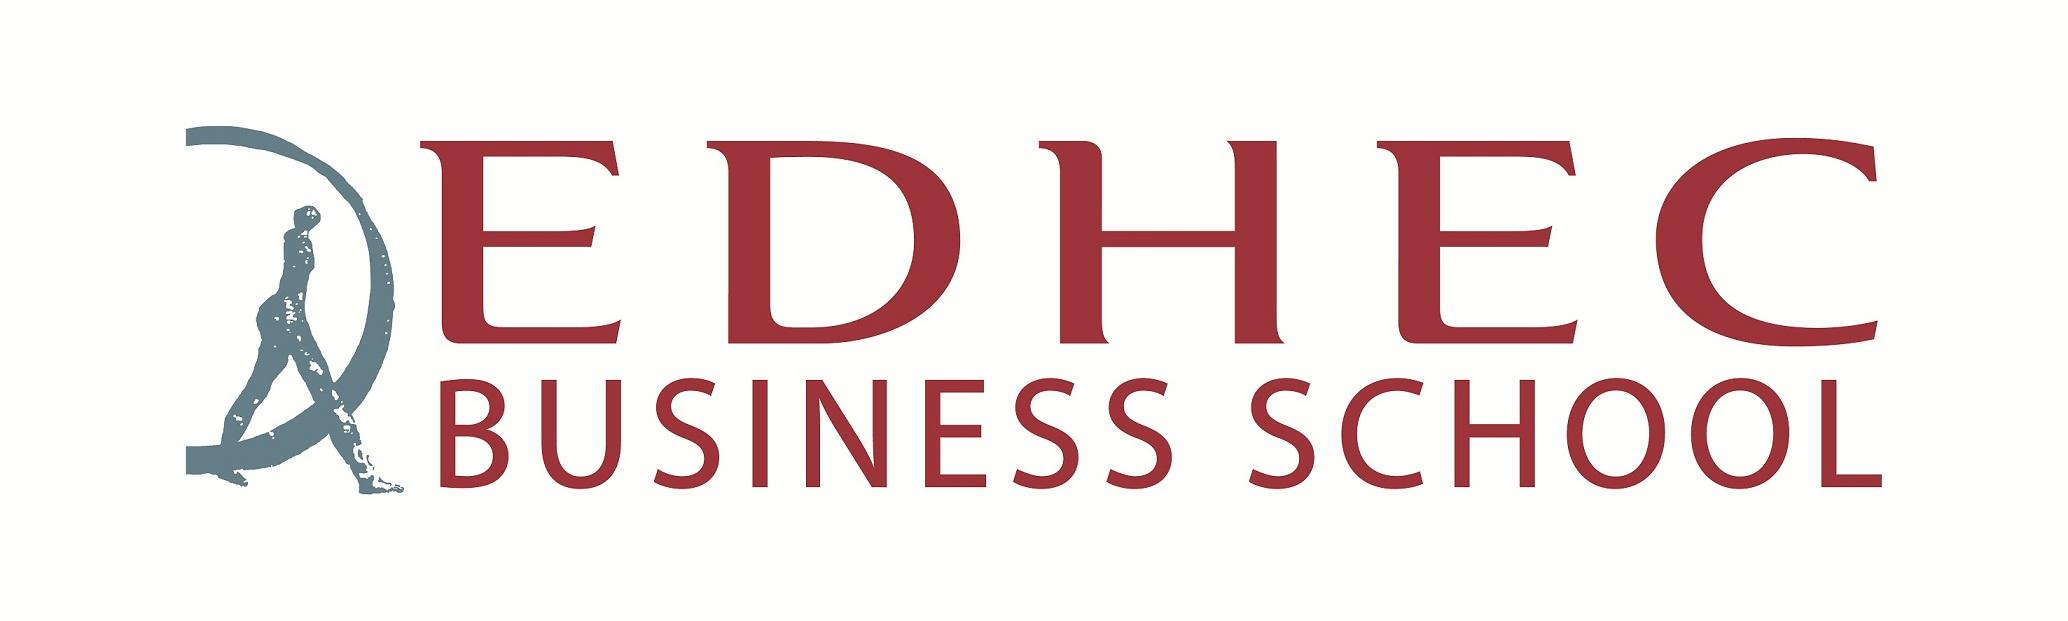 L'EDHEC et la Faculté Libre de Droit s'associent pour créer la première filière intégrée « Business Law & Management » dès la prochaine rentrée